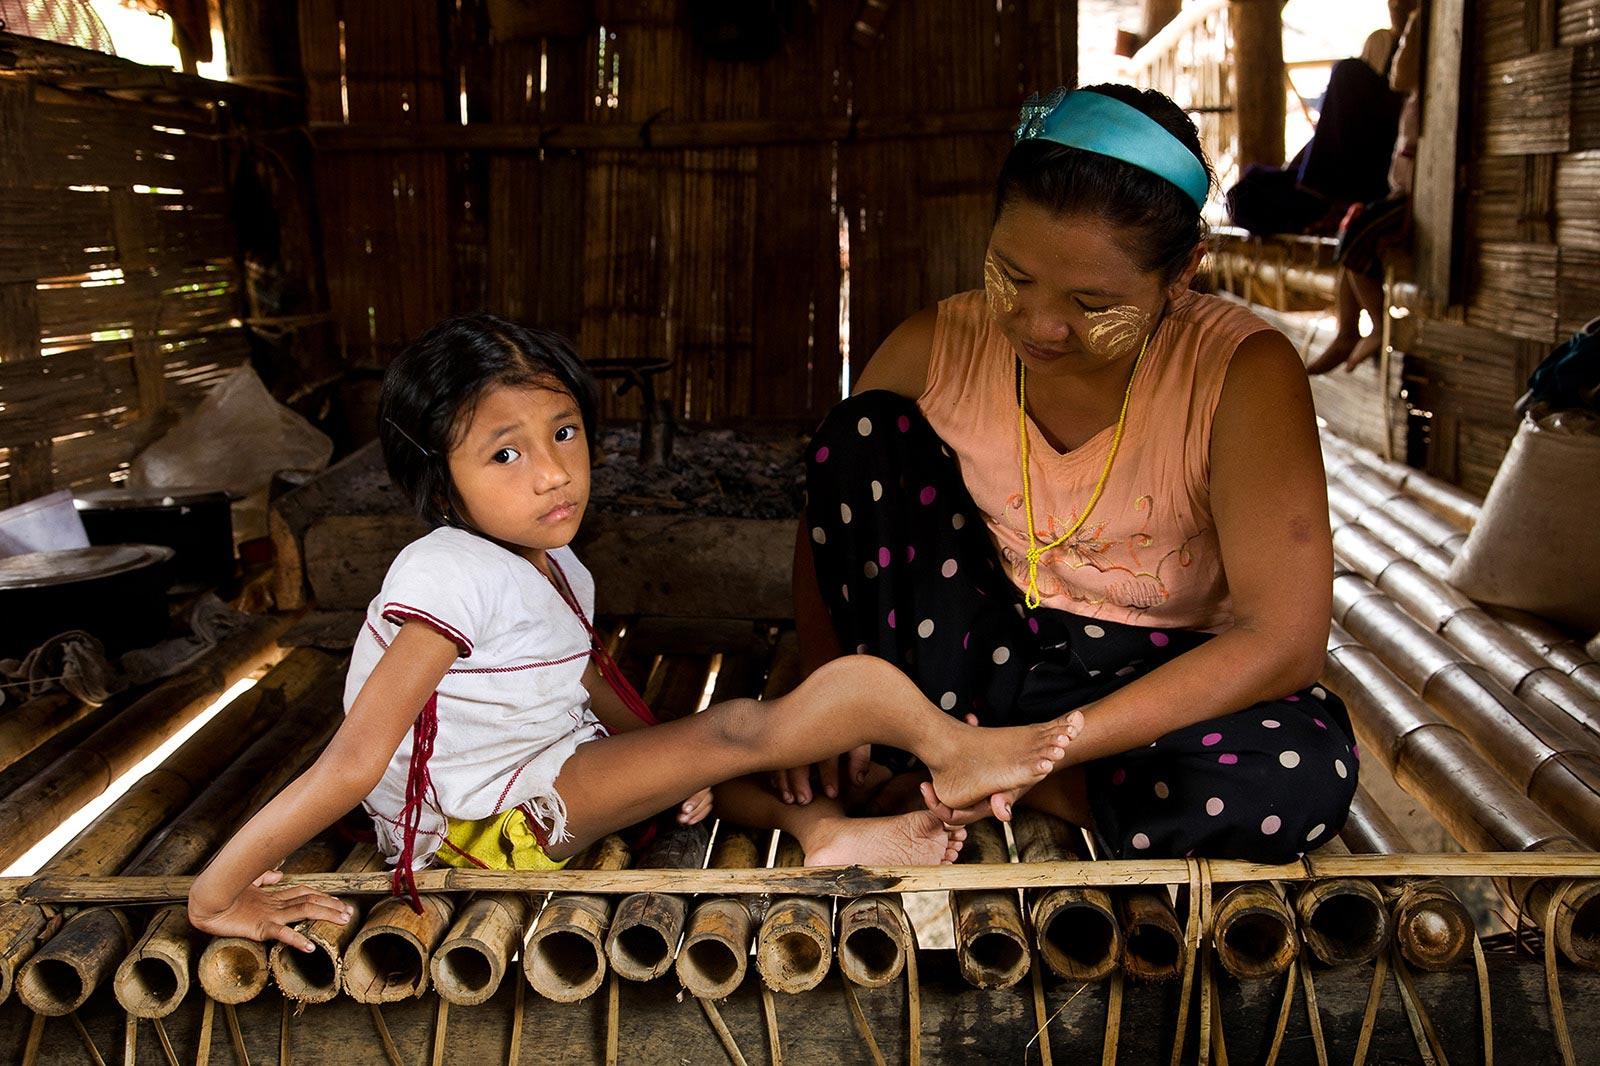 치앙마이에서 만난 가족 (2)